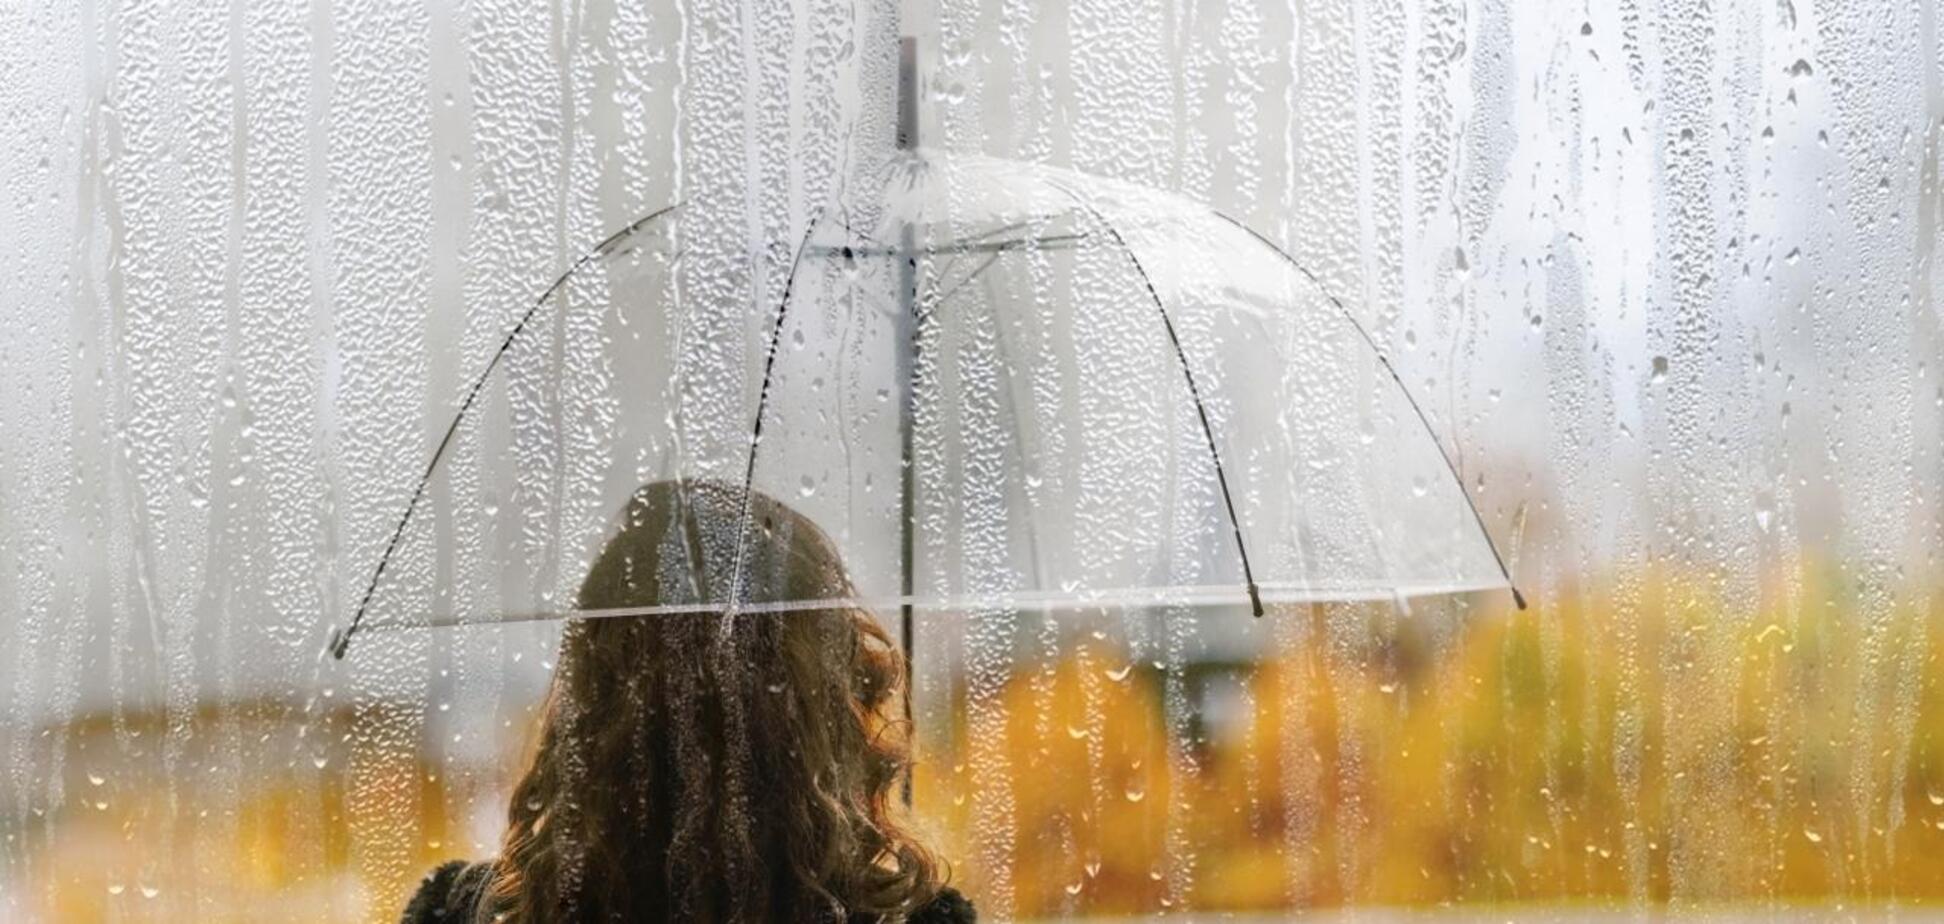 Негода зачепить південну частину країни, а також східніта центральнірегіони